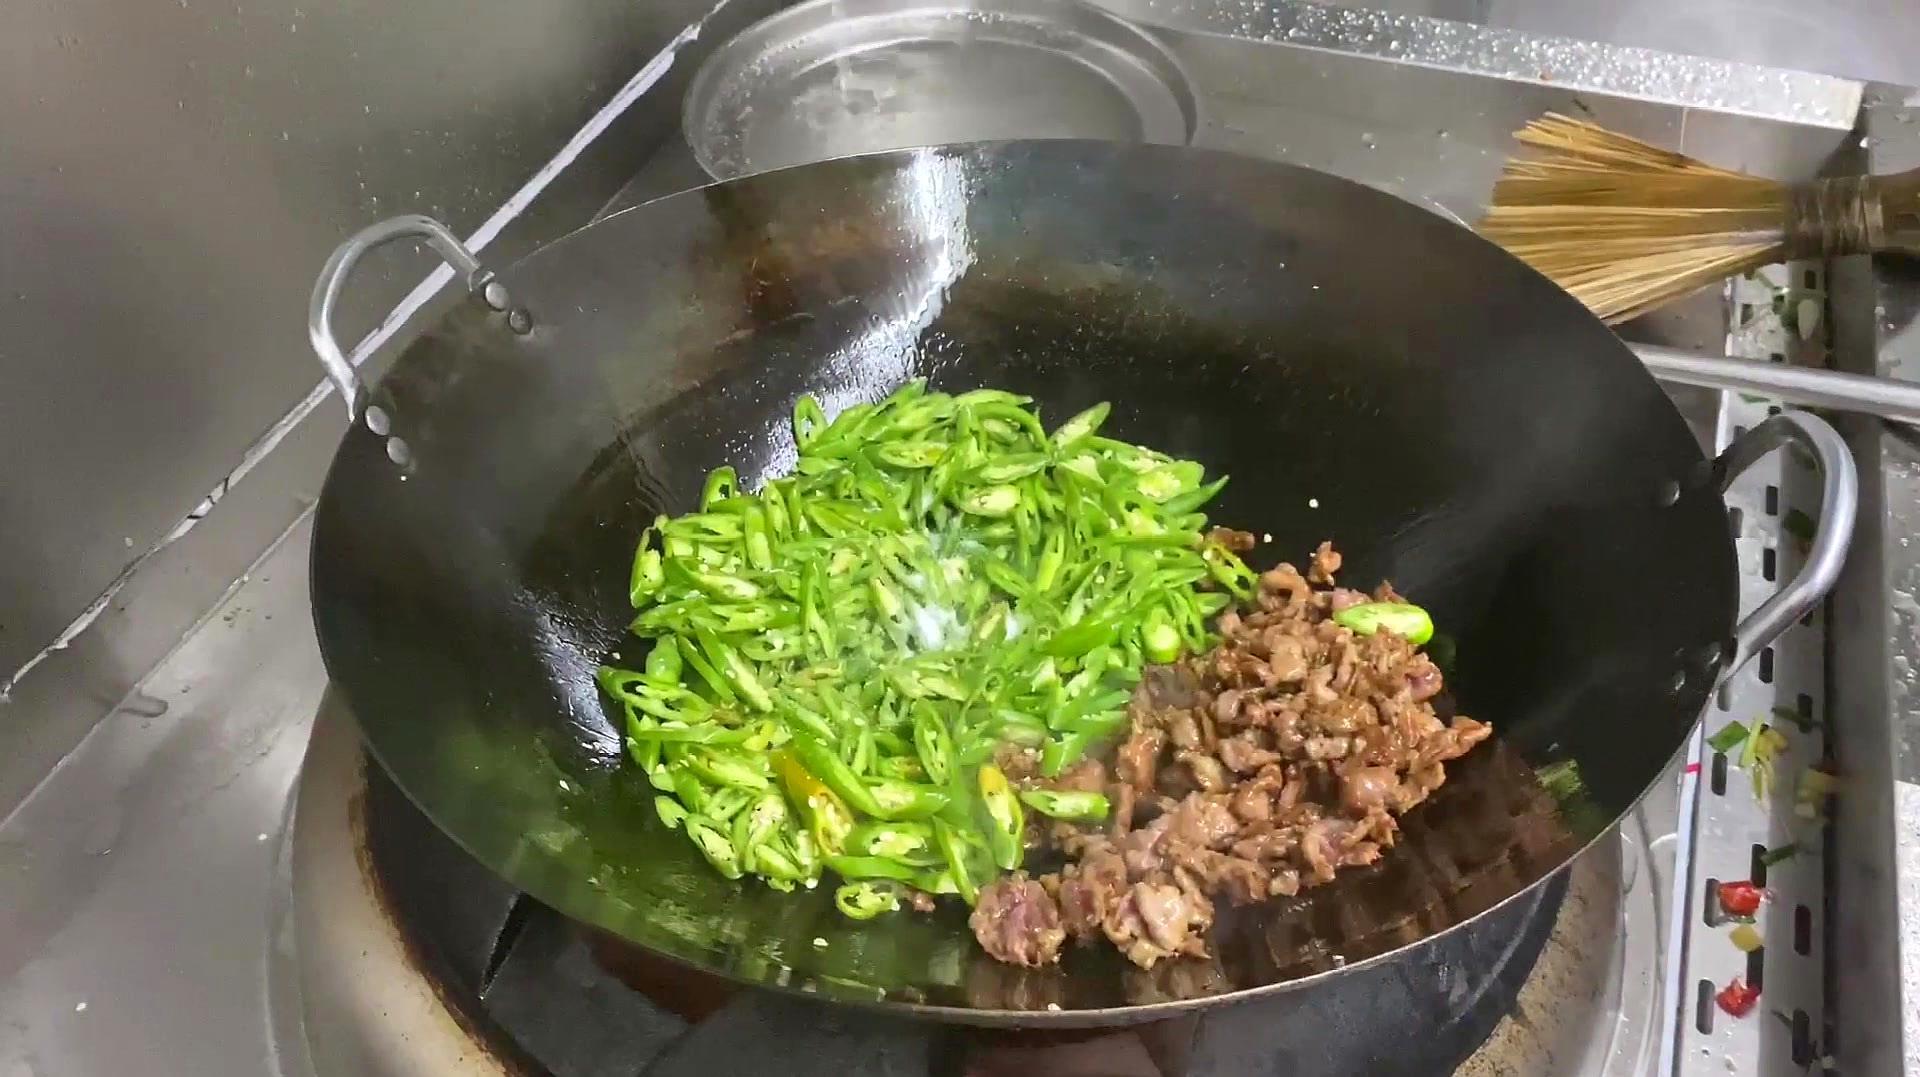 怪不得餐馆的青椒炒肉好吃,大厨是这样炒出来的,你看看正宗不